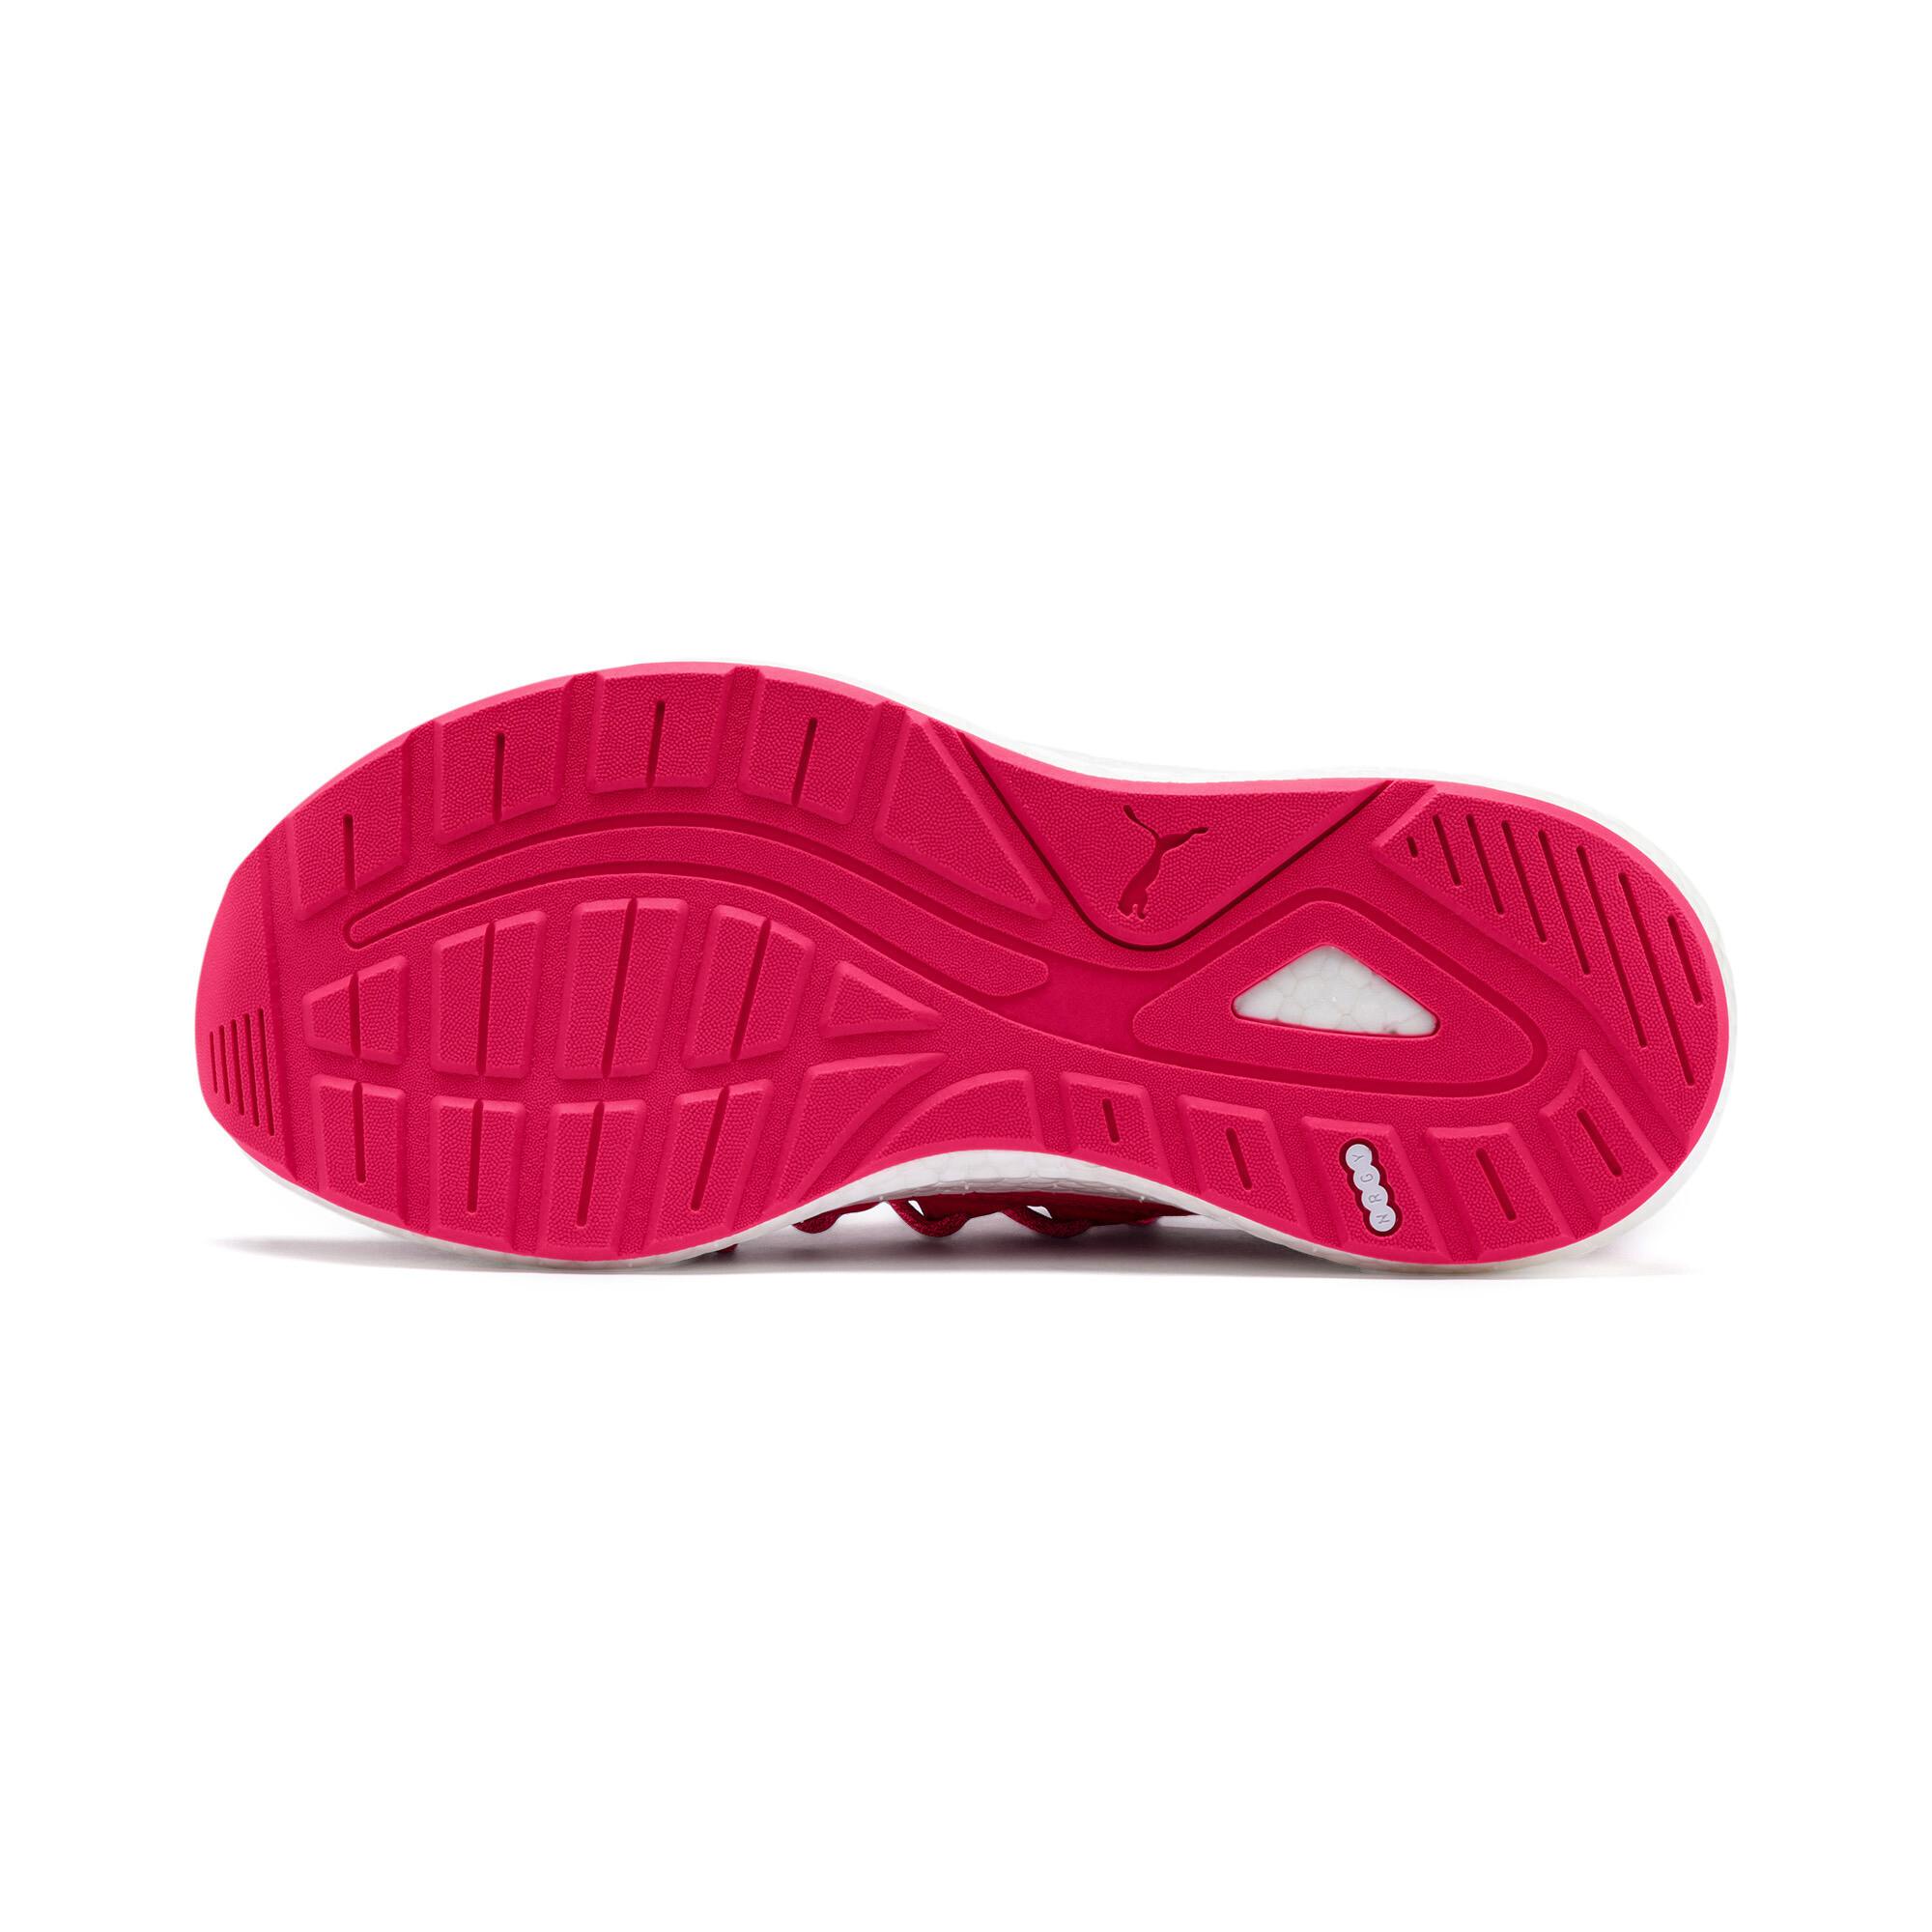 PUMA-Youth-NRGY-Neko-Knit-Running-Shoes thumbnail 11